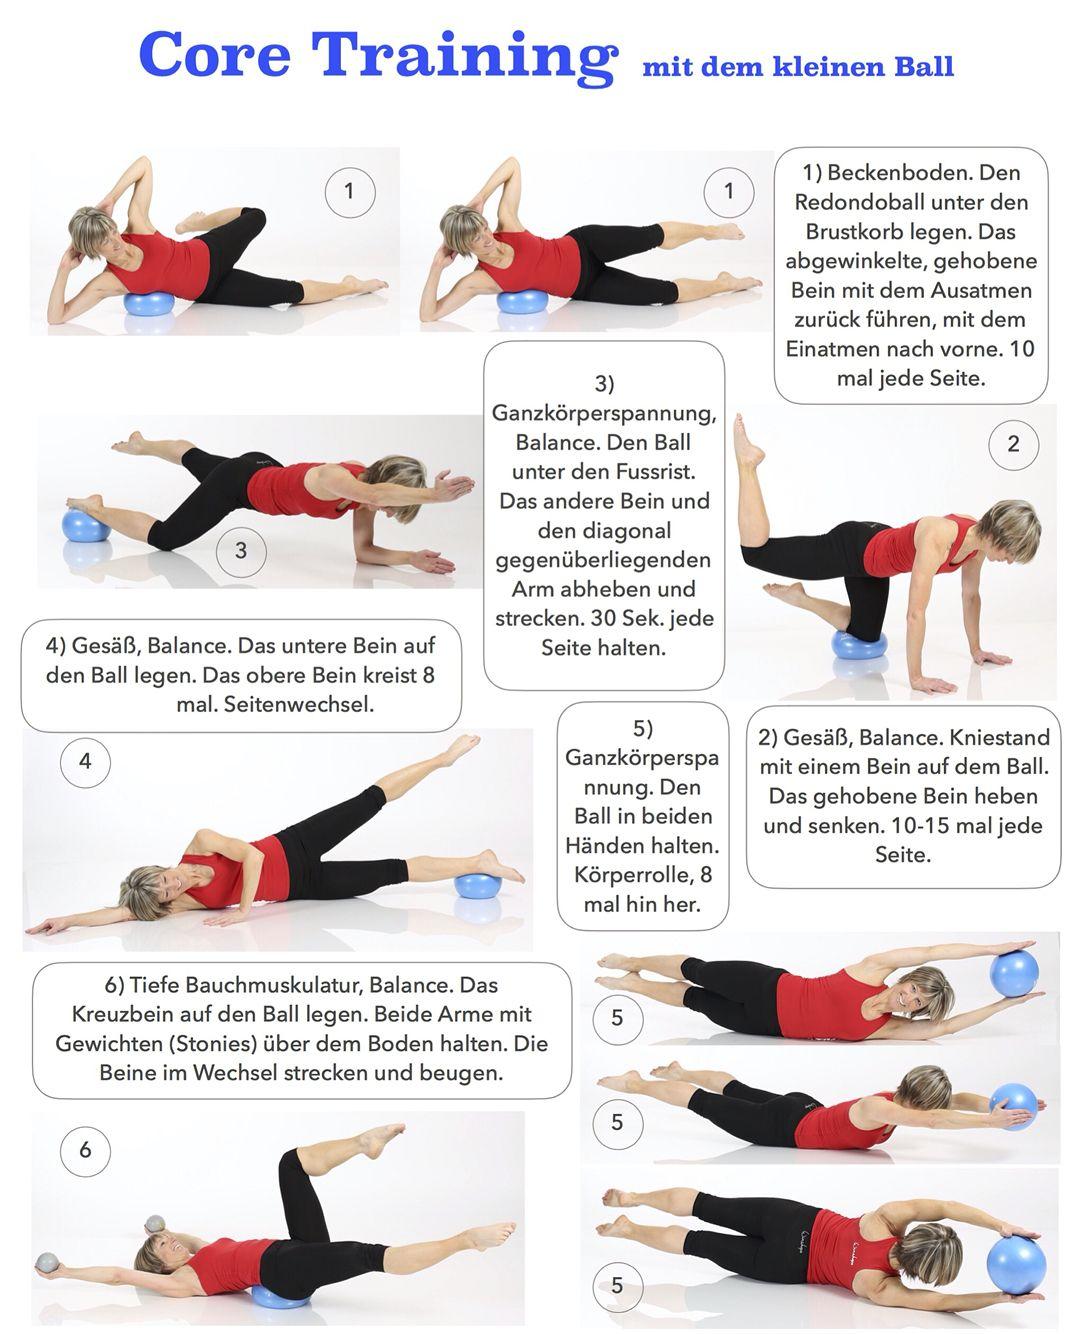 Stabile Mitte und flacher Bauch mit dem kleinen Ball! core stability exercises -> für Pilates Sonderangebote klicken! #goodcoreexercises